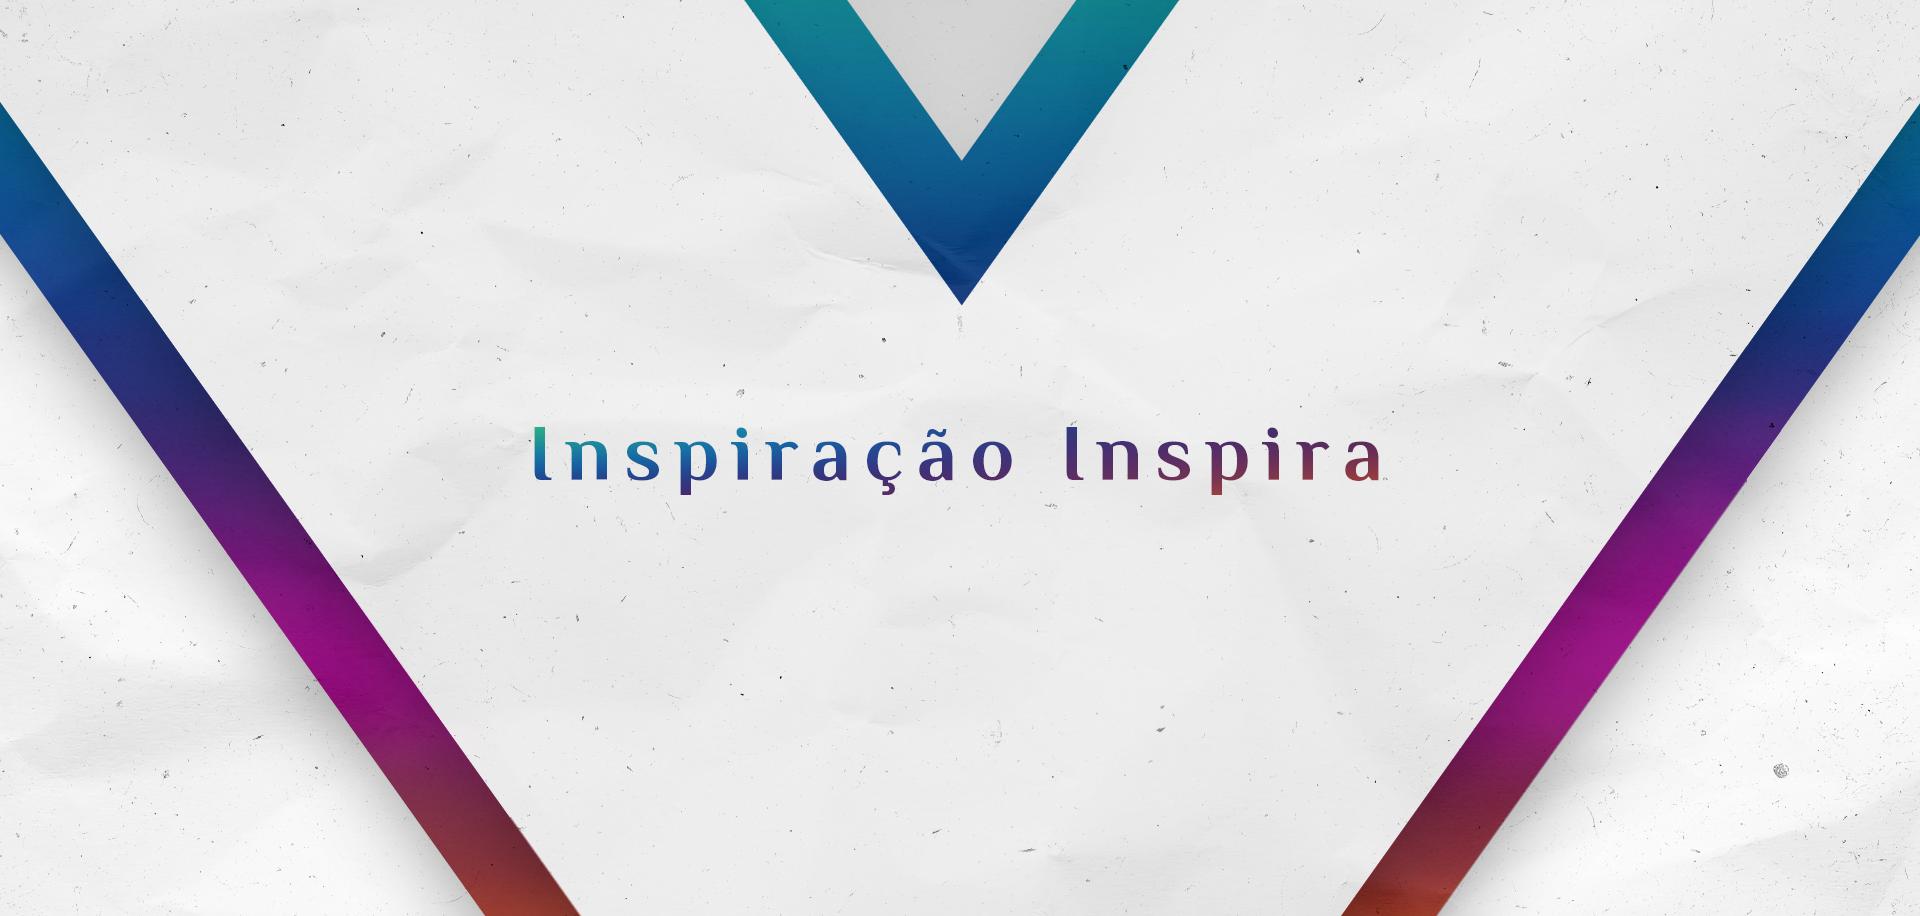 Inspiração Inspira